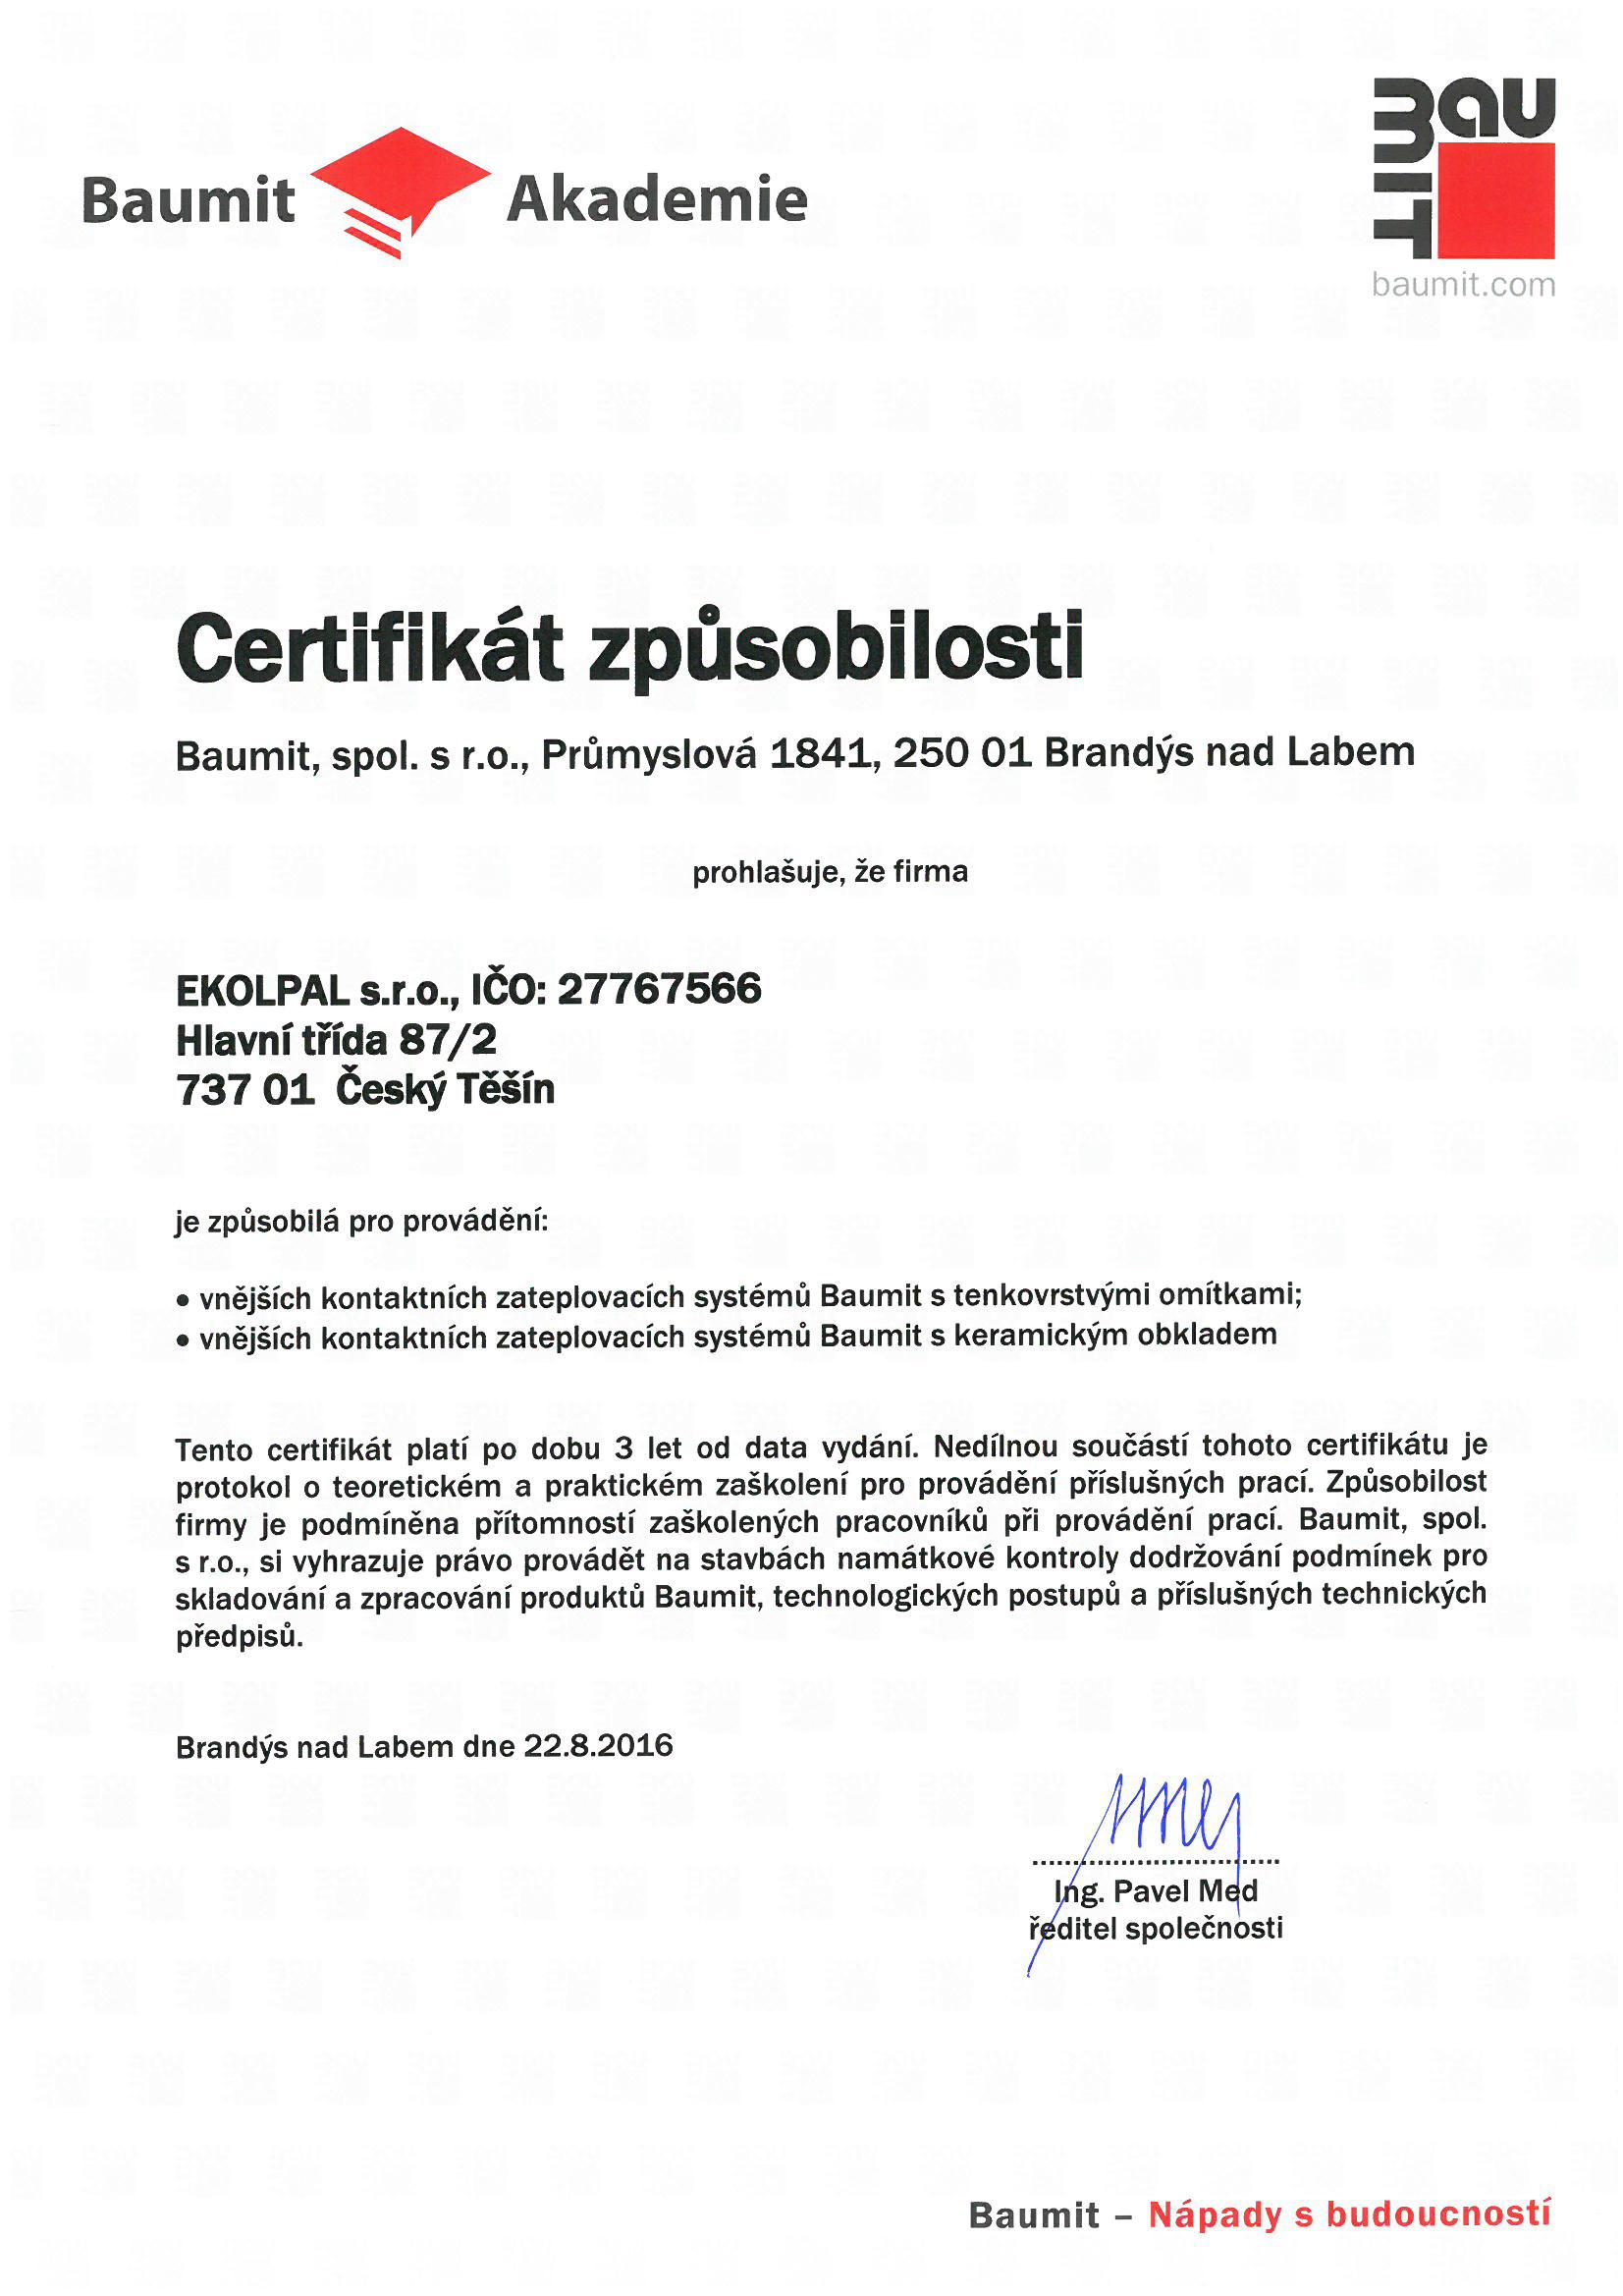 Baumit certifikát